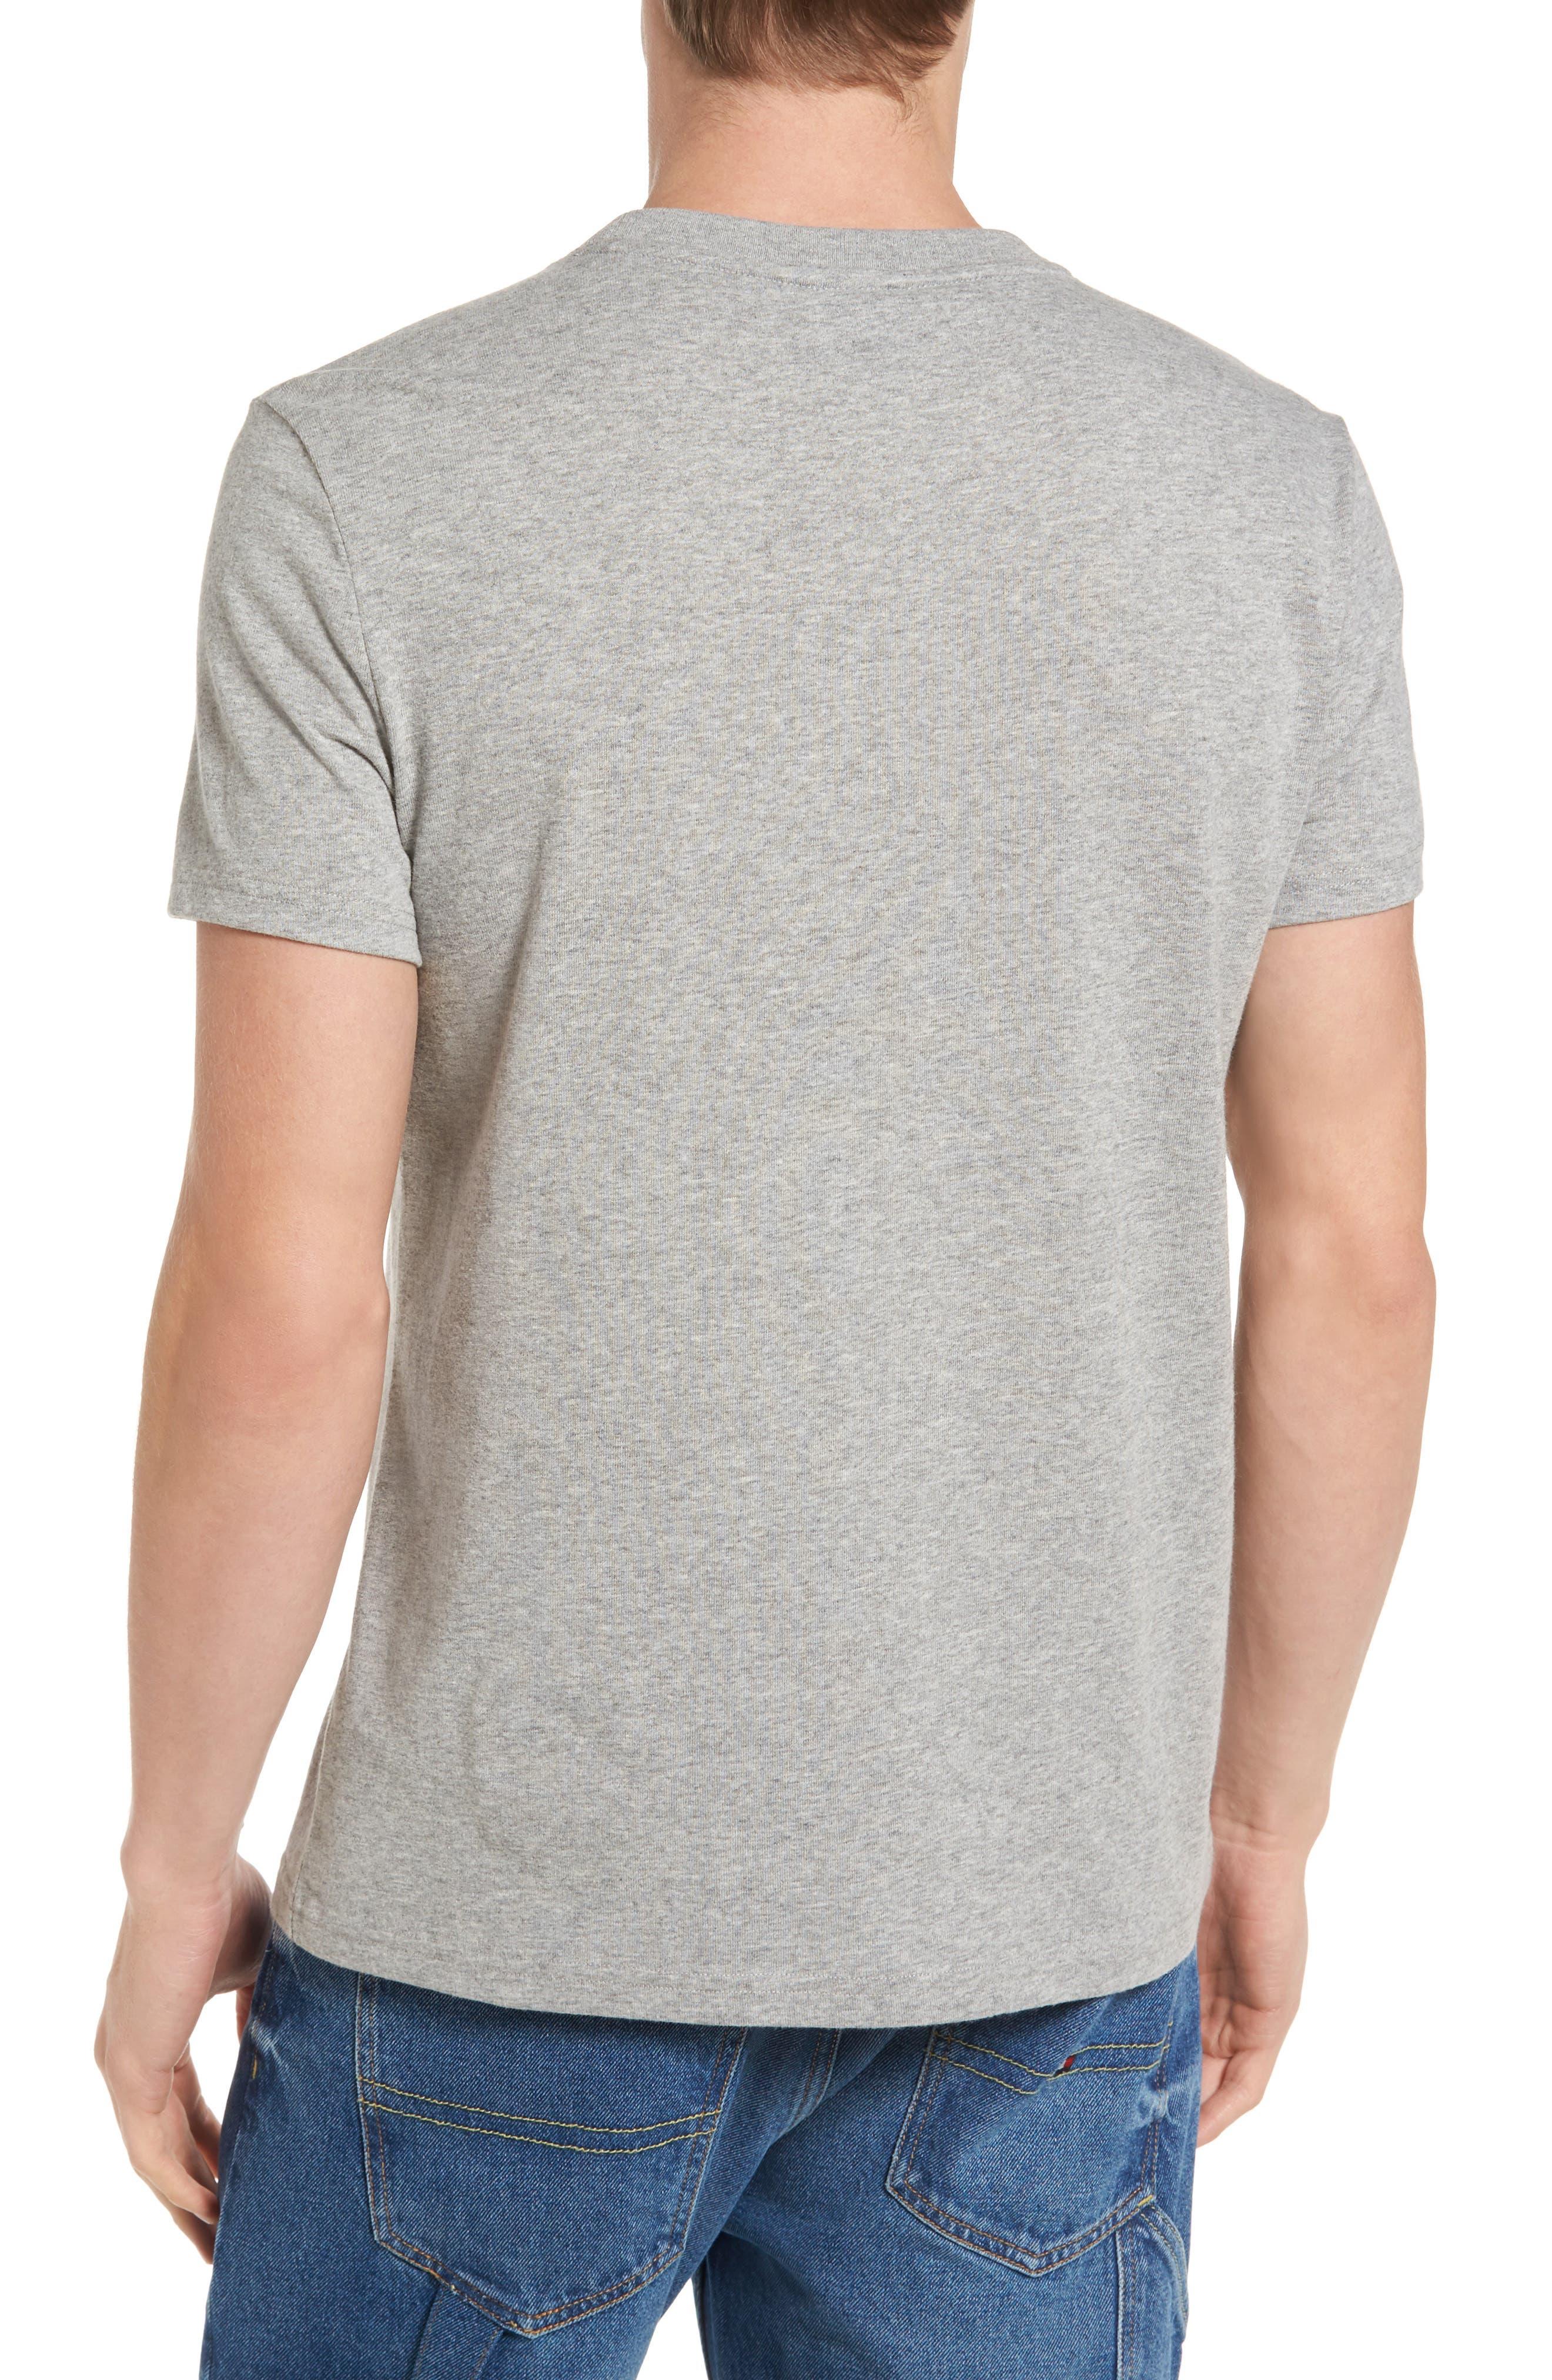 '90s Flat T-Shirt,                             Alternate thumbnail 2, color,                             020